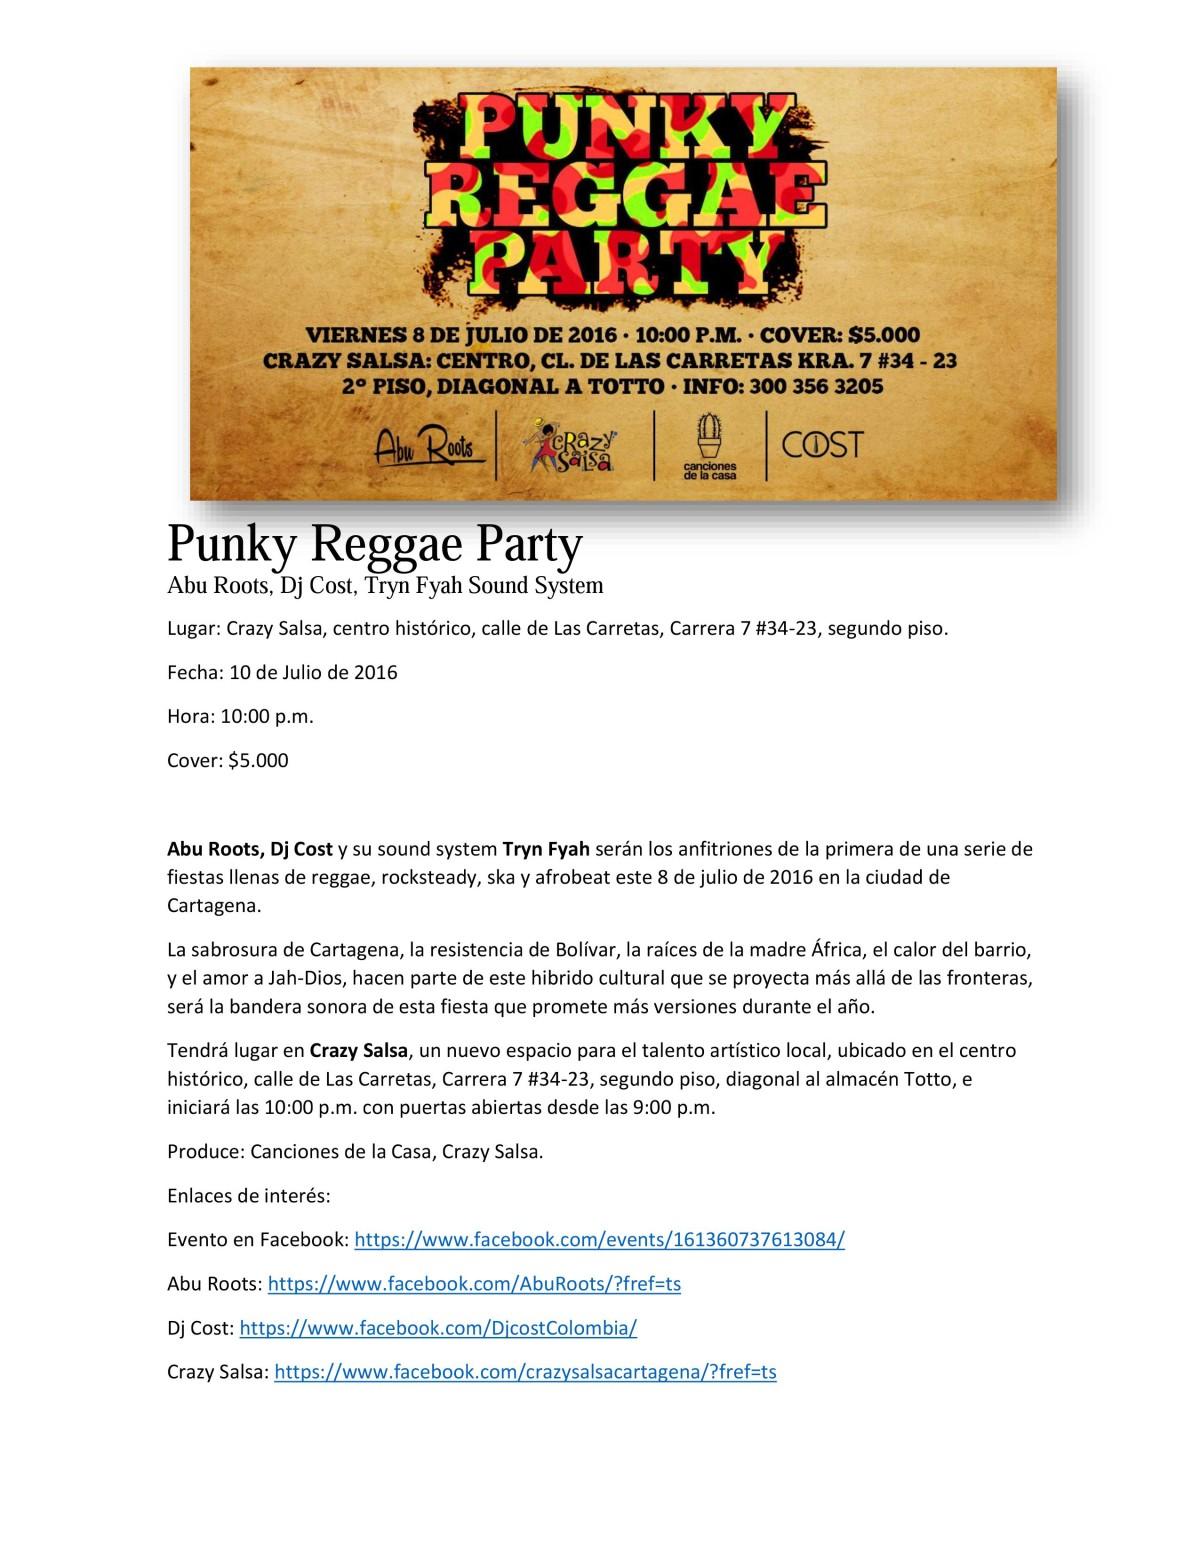 Punky Reggae Party Crazy Salsa